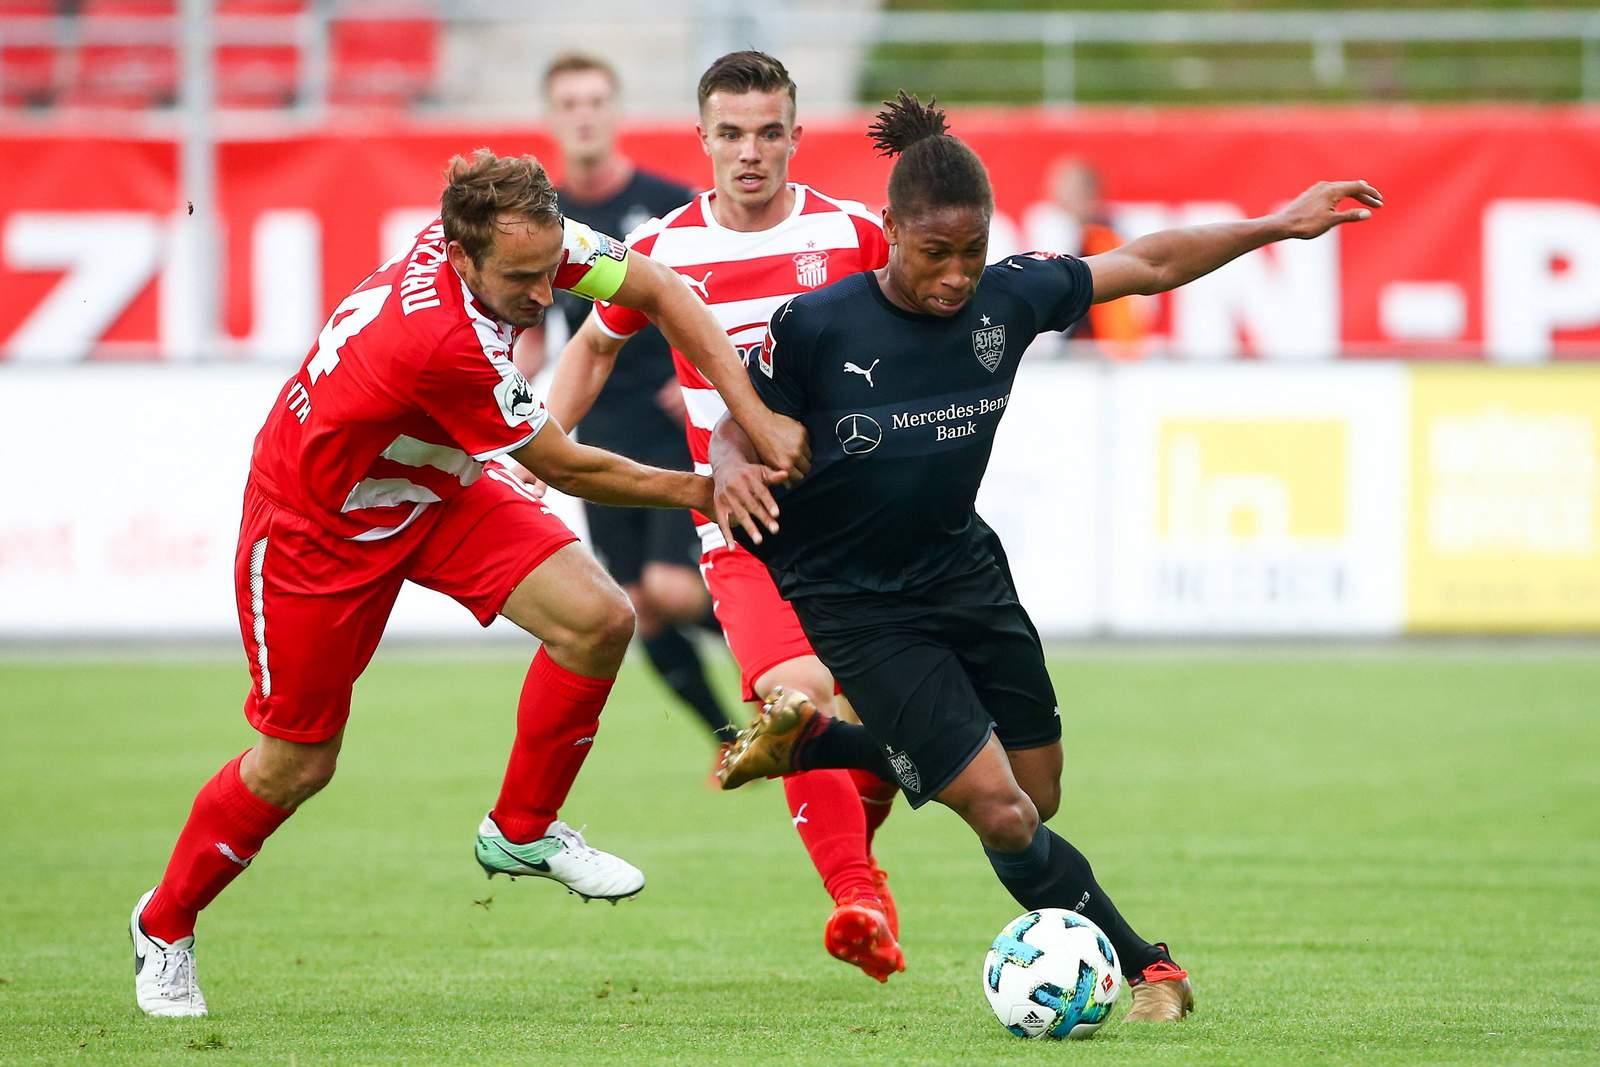 Caniggia Elva im Trikot der zweiten mannschaftd es VfB Stuttgart